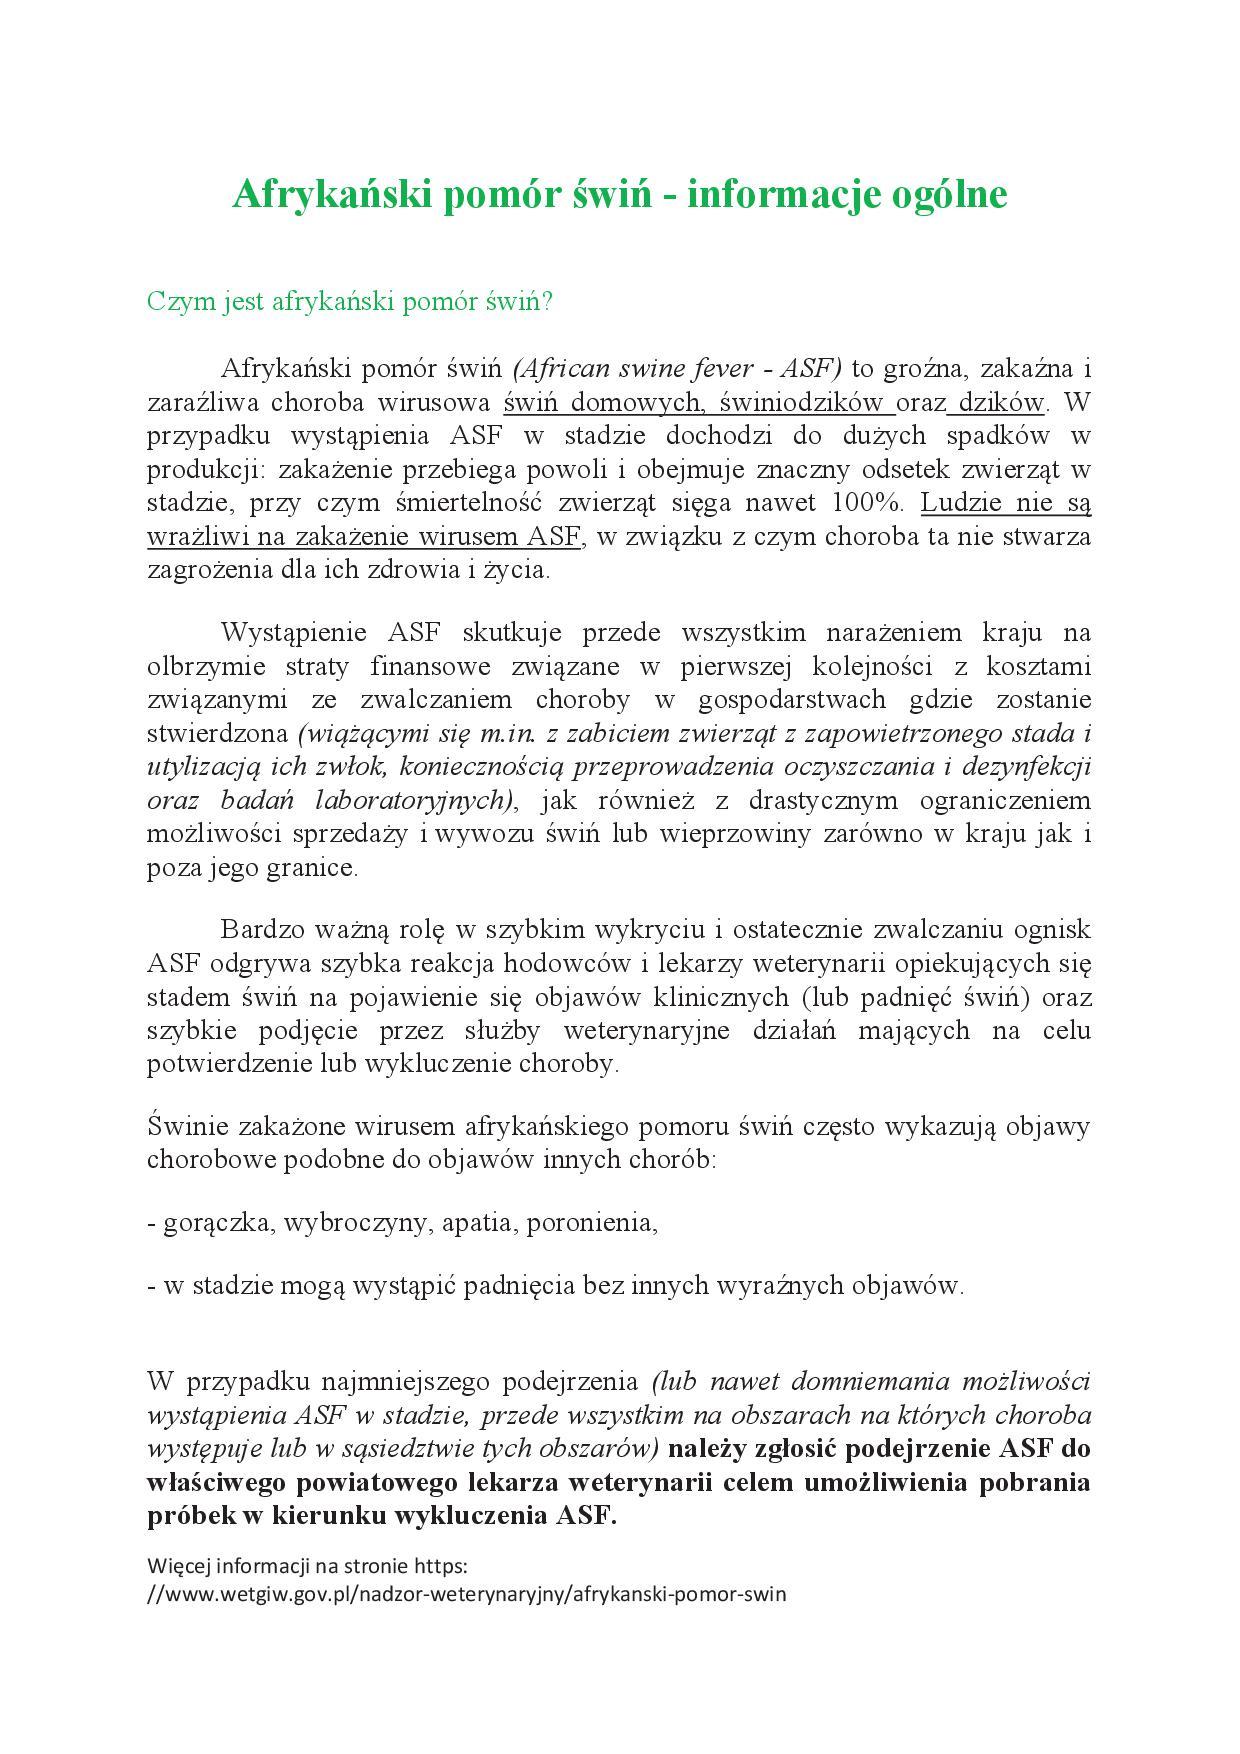 ASF-informacje ogólne1